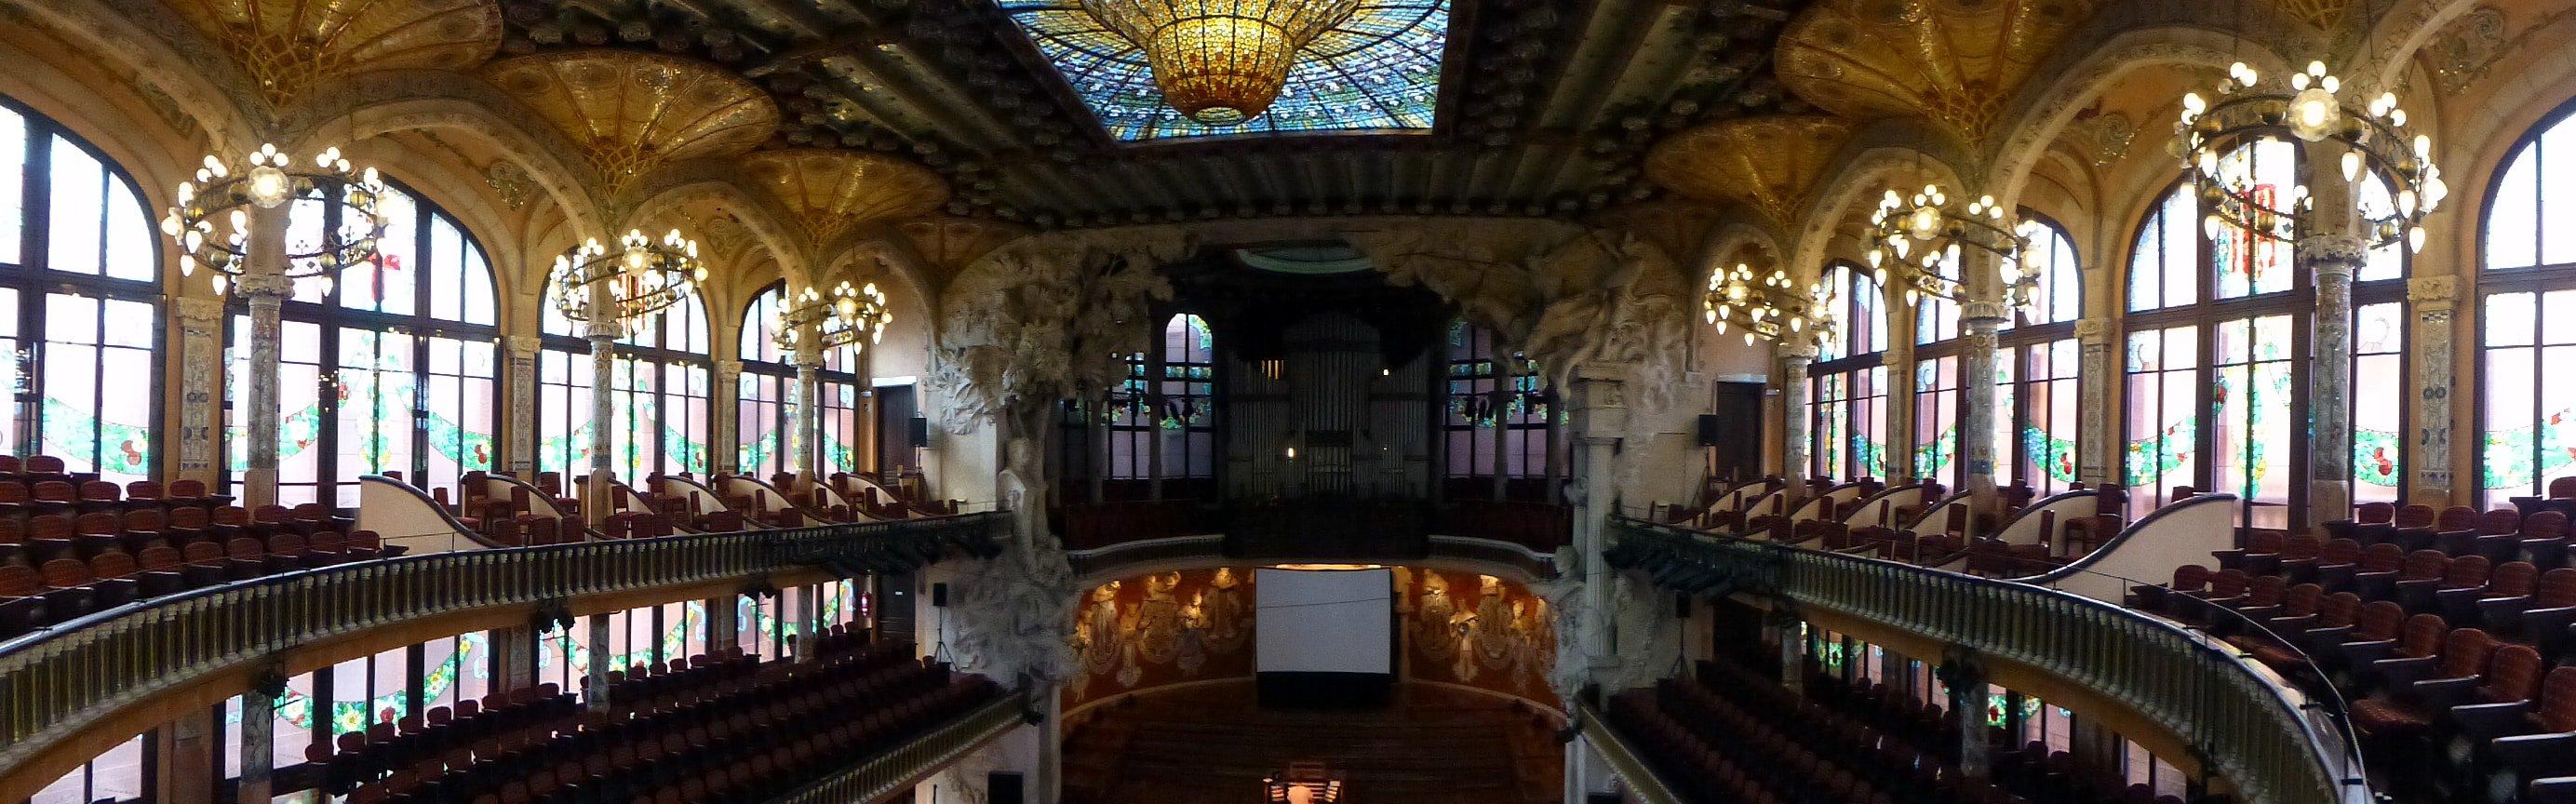 casa_musica_barcellona